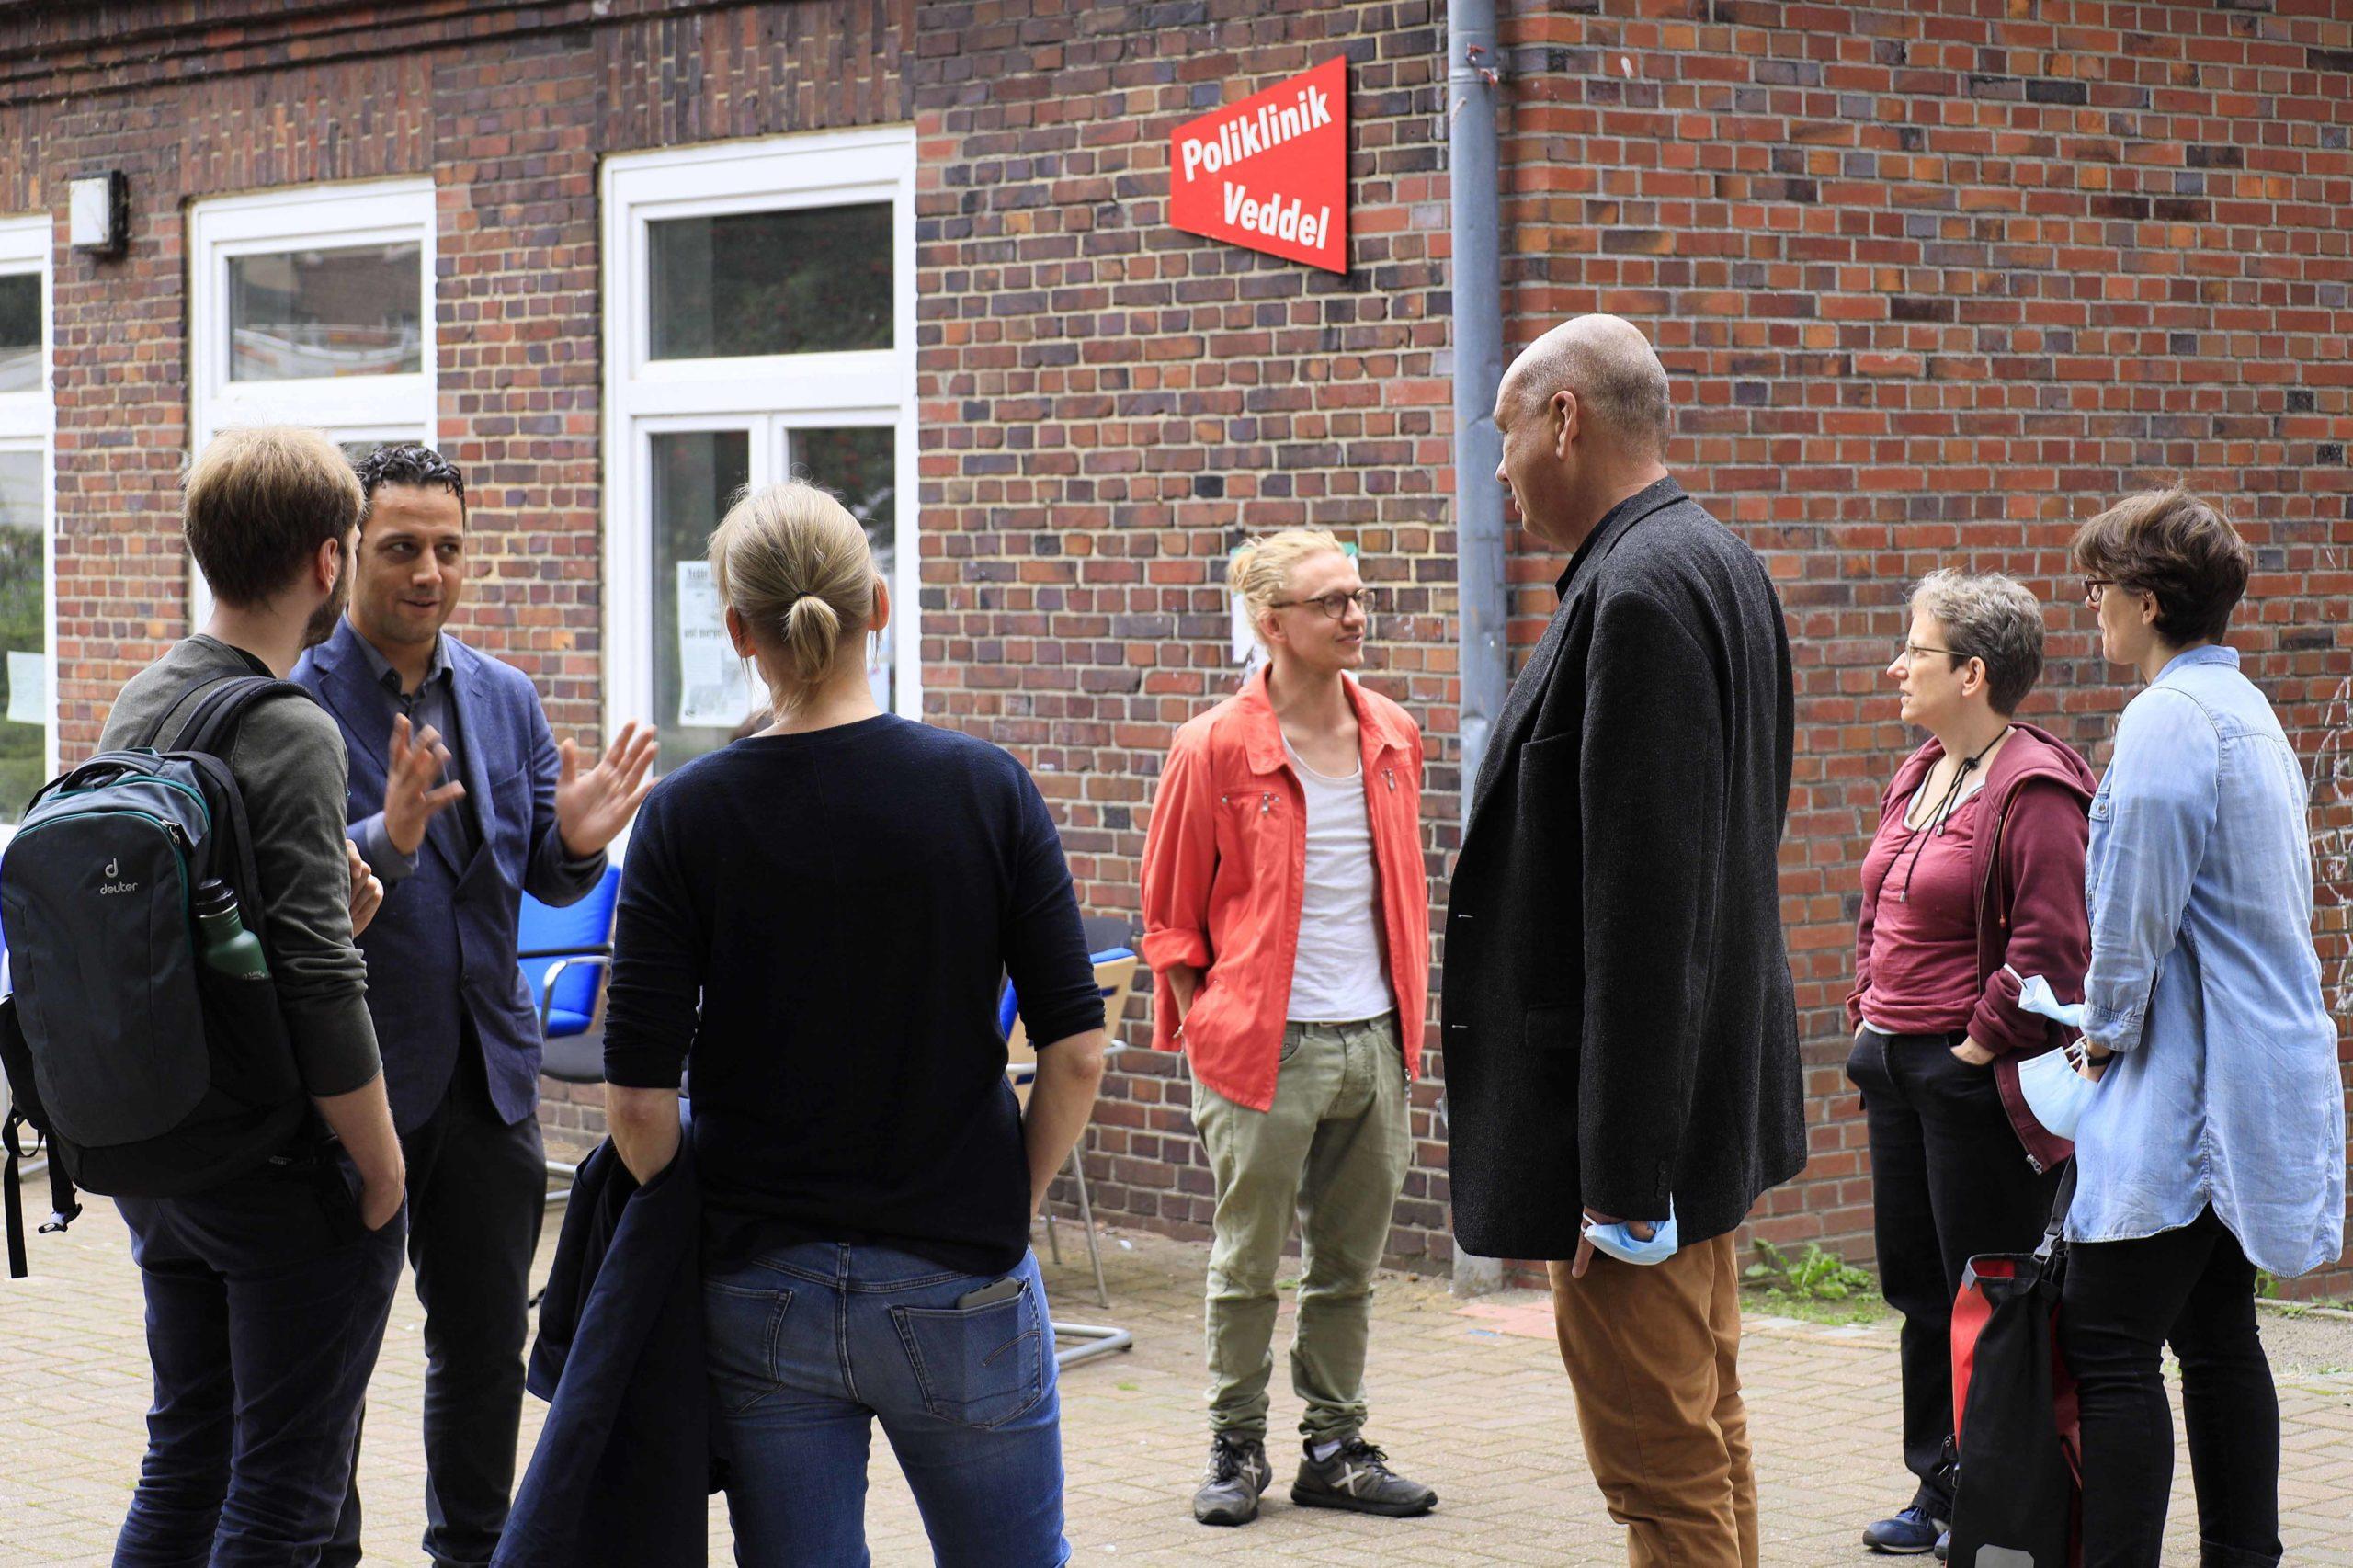 Im Gespräch mit der LINKEN: Poliklinik Veddel